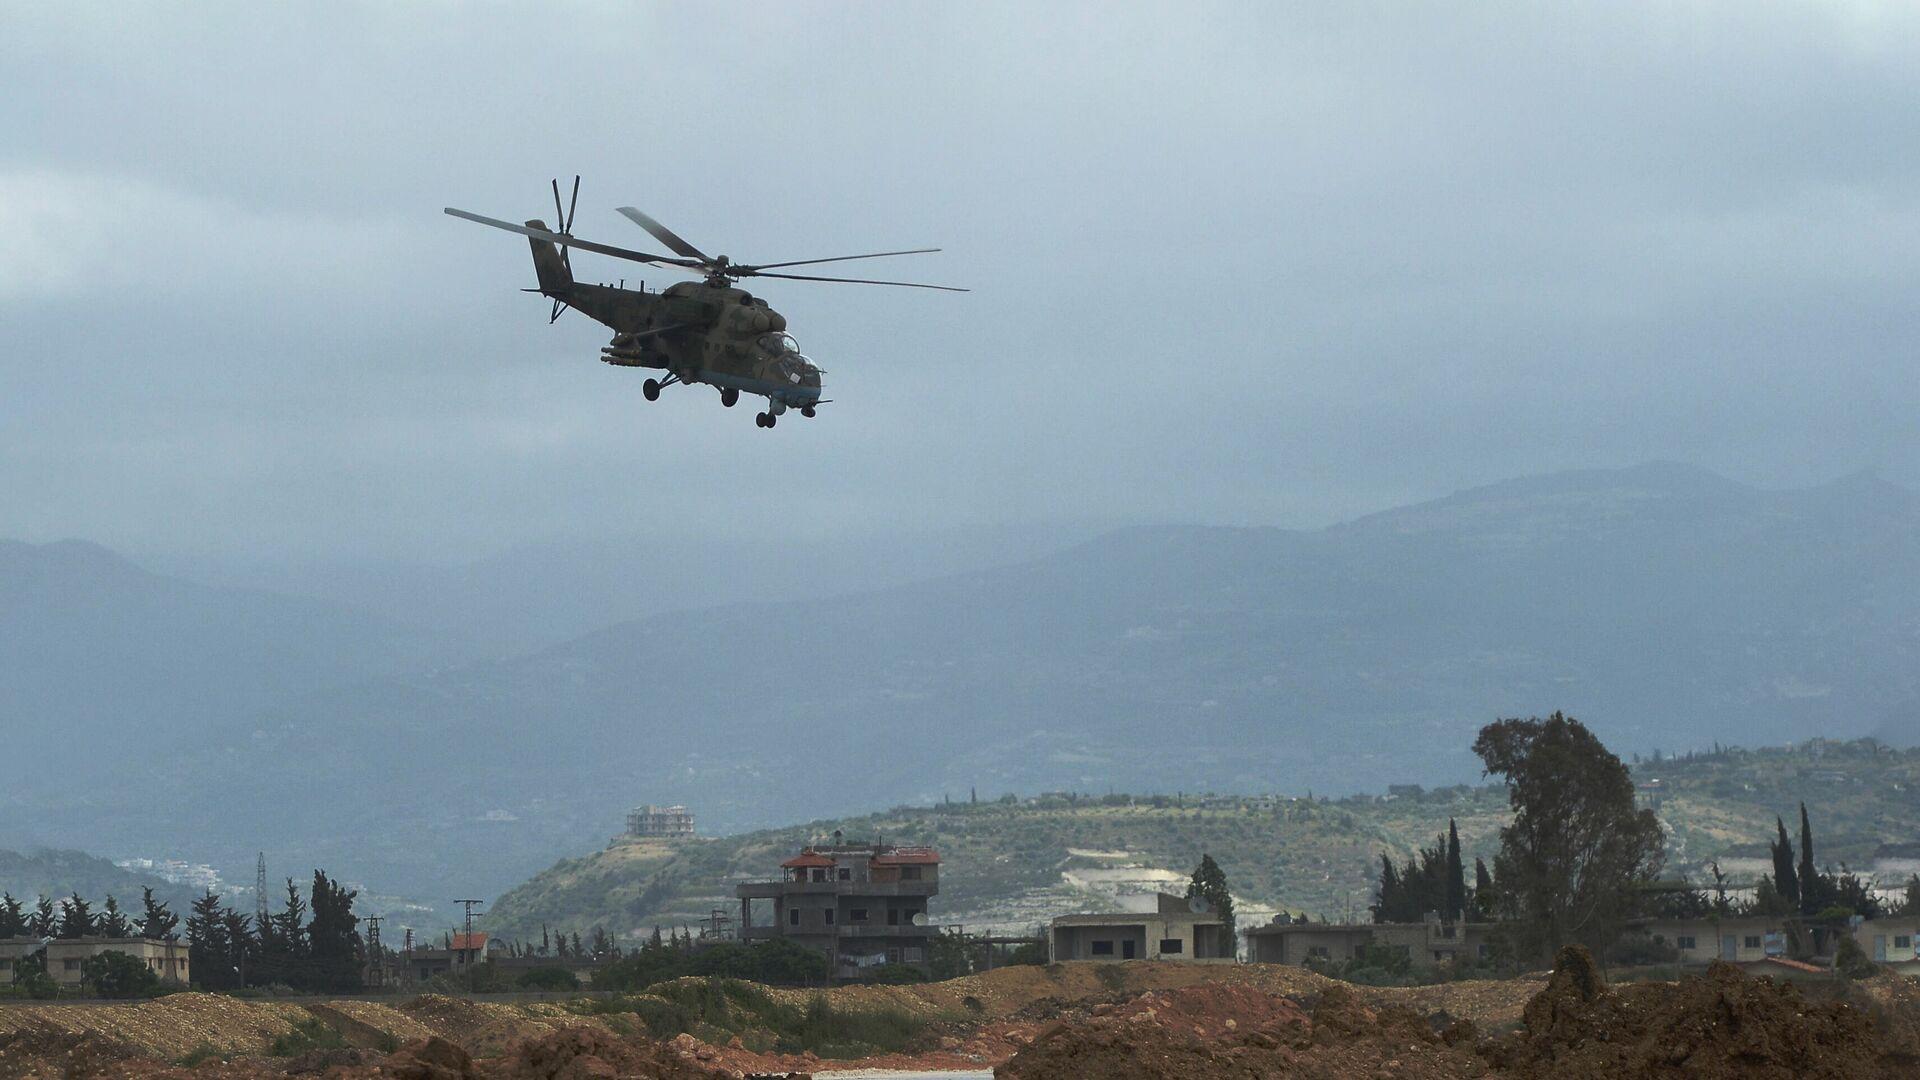 Российский вертолет Ми-35 совершает полет у авиабазы Хмеймим в Сирии - РИА Новости, 1920, 22.03.2021